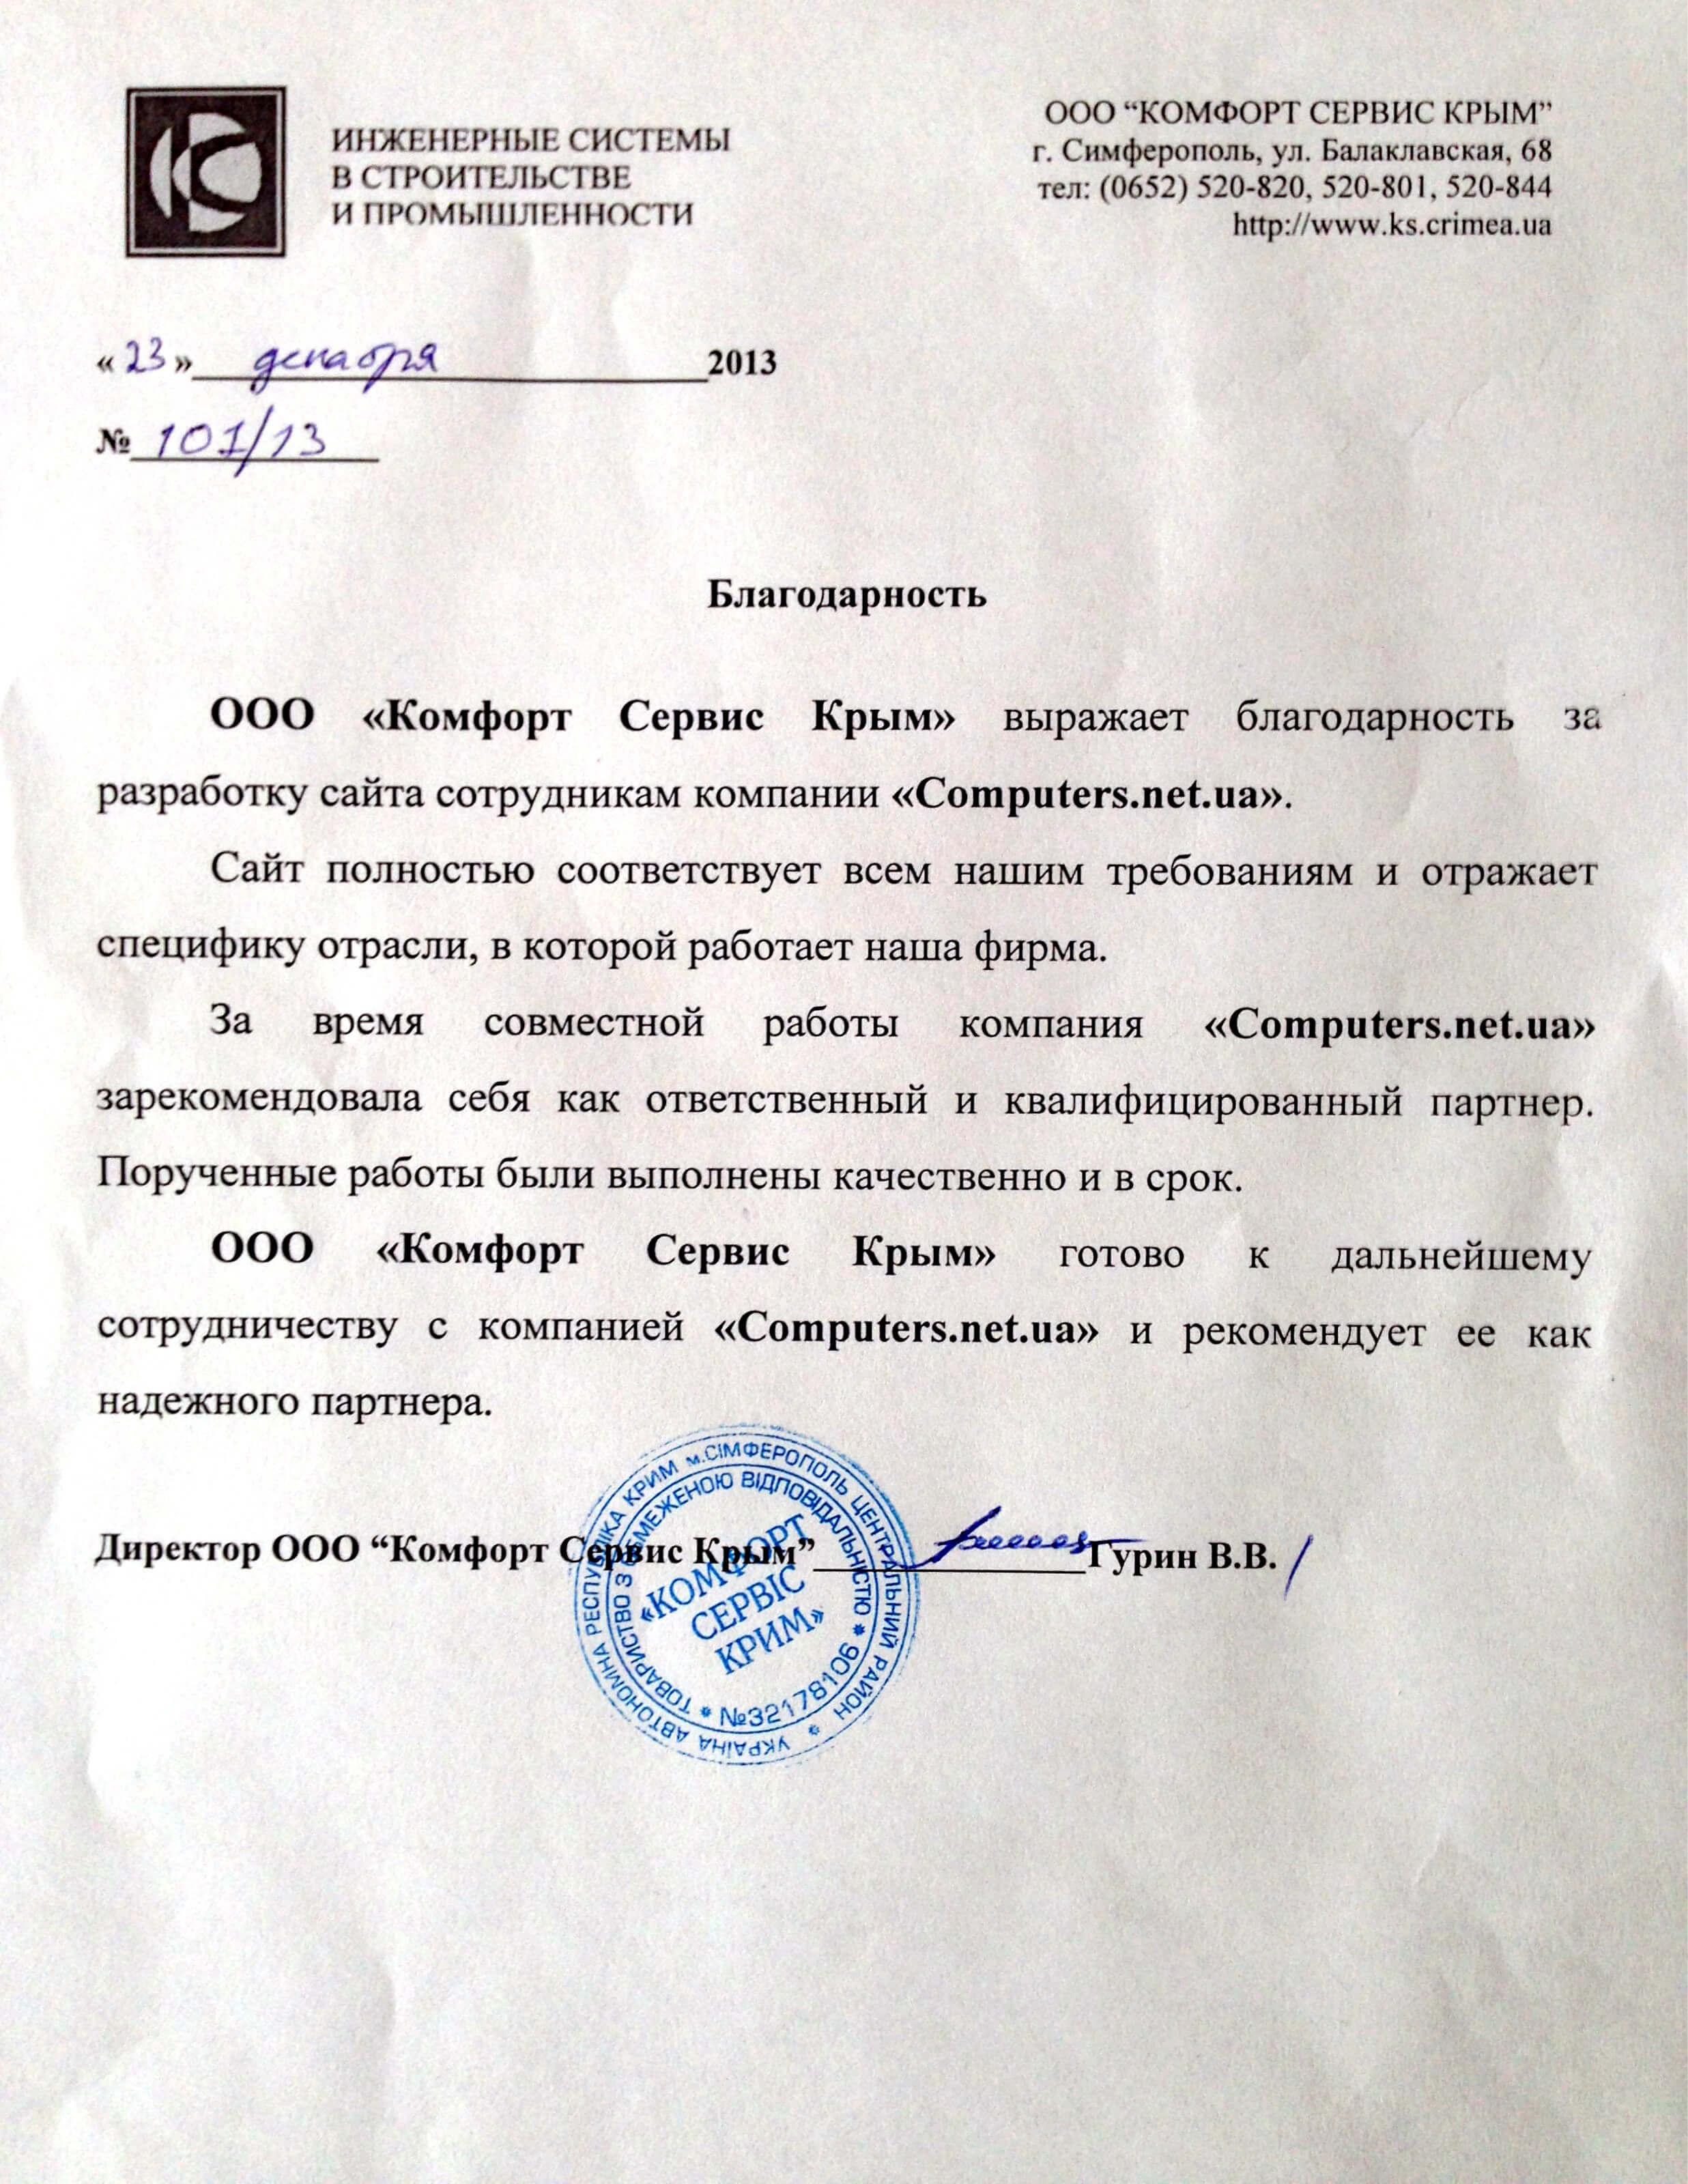 Благодарность от Комфорт Сервис Крым